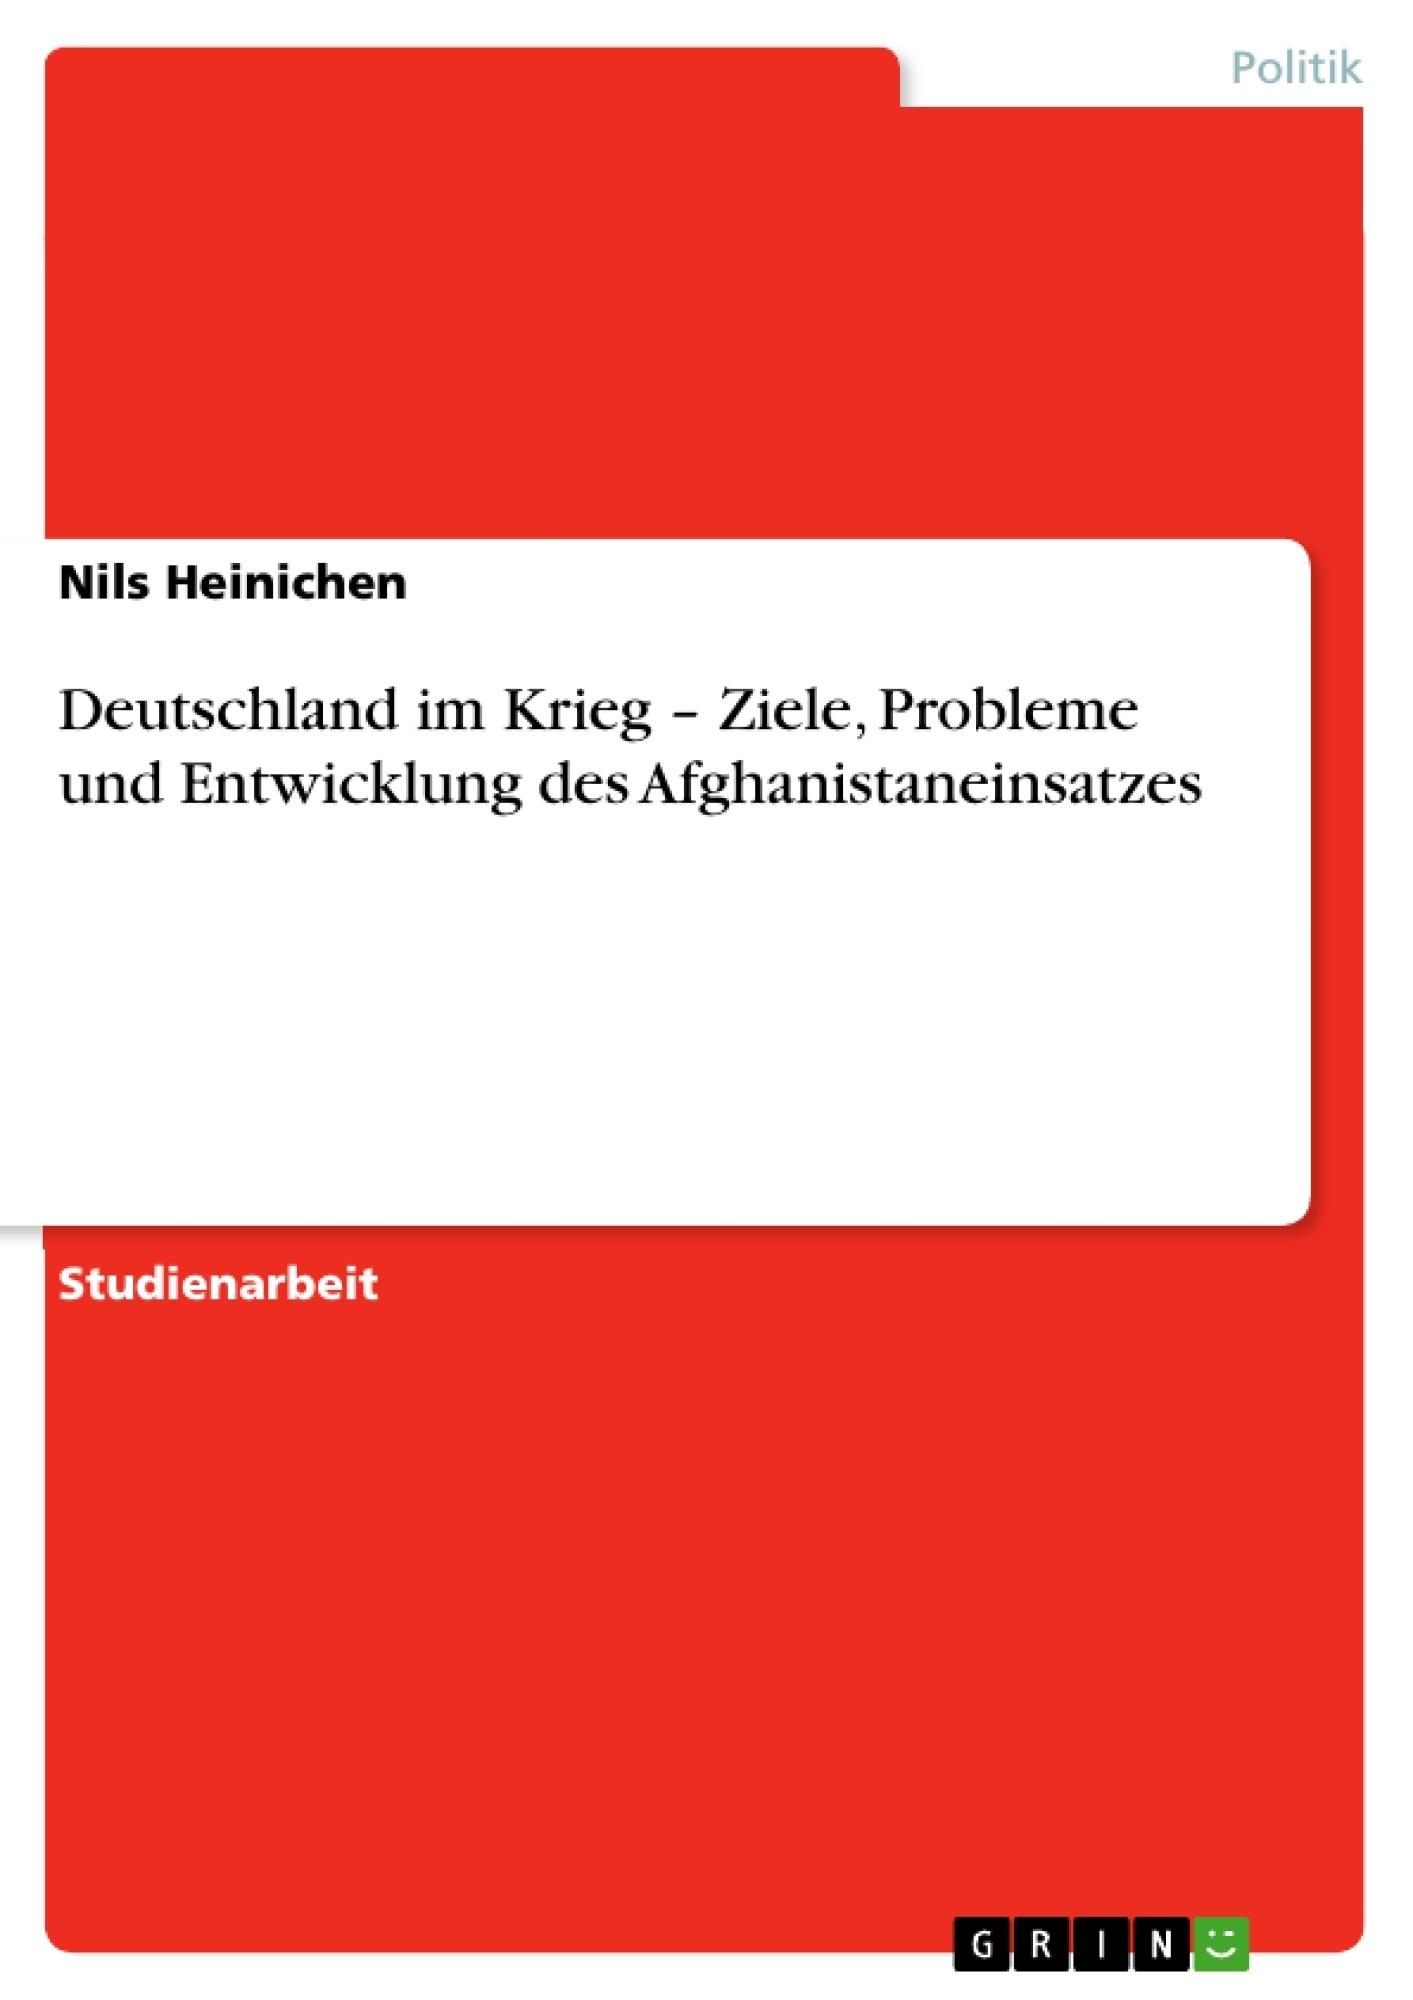 Titel: Deutschland im Krieg – Ziele, Probleme und Entwicklung des Afghanistaneinsatzes